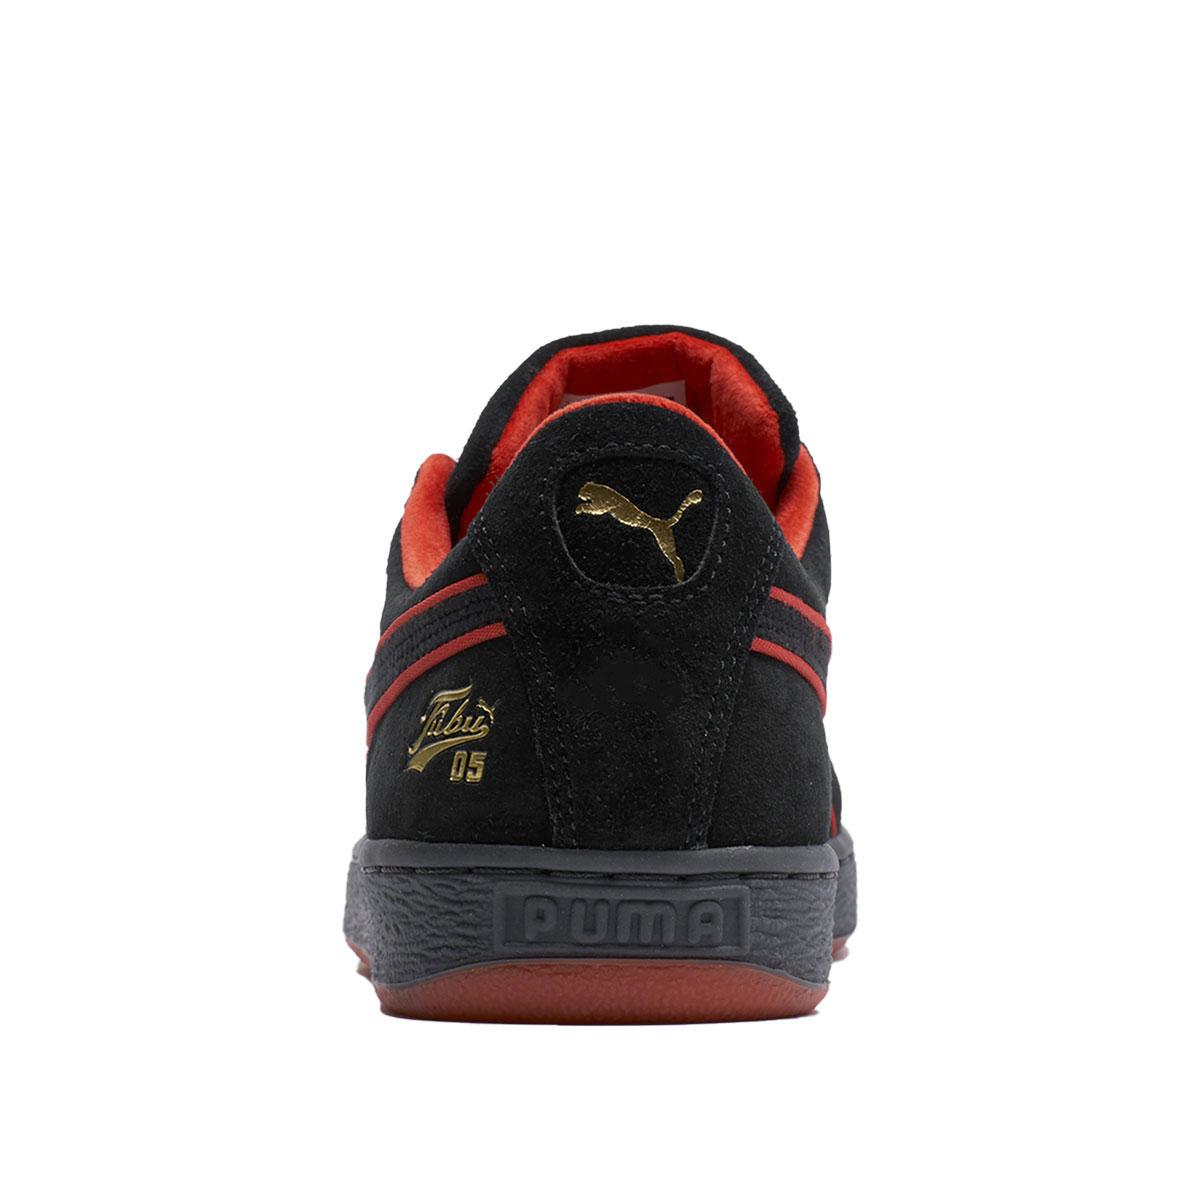 sports shoes 3b07c 27c5e Puma Suede Classic X FUBU